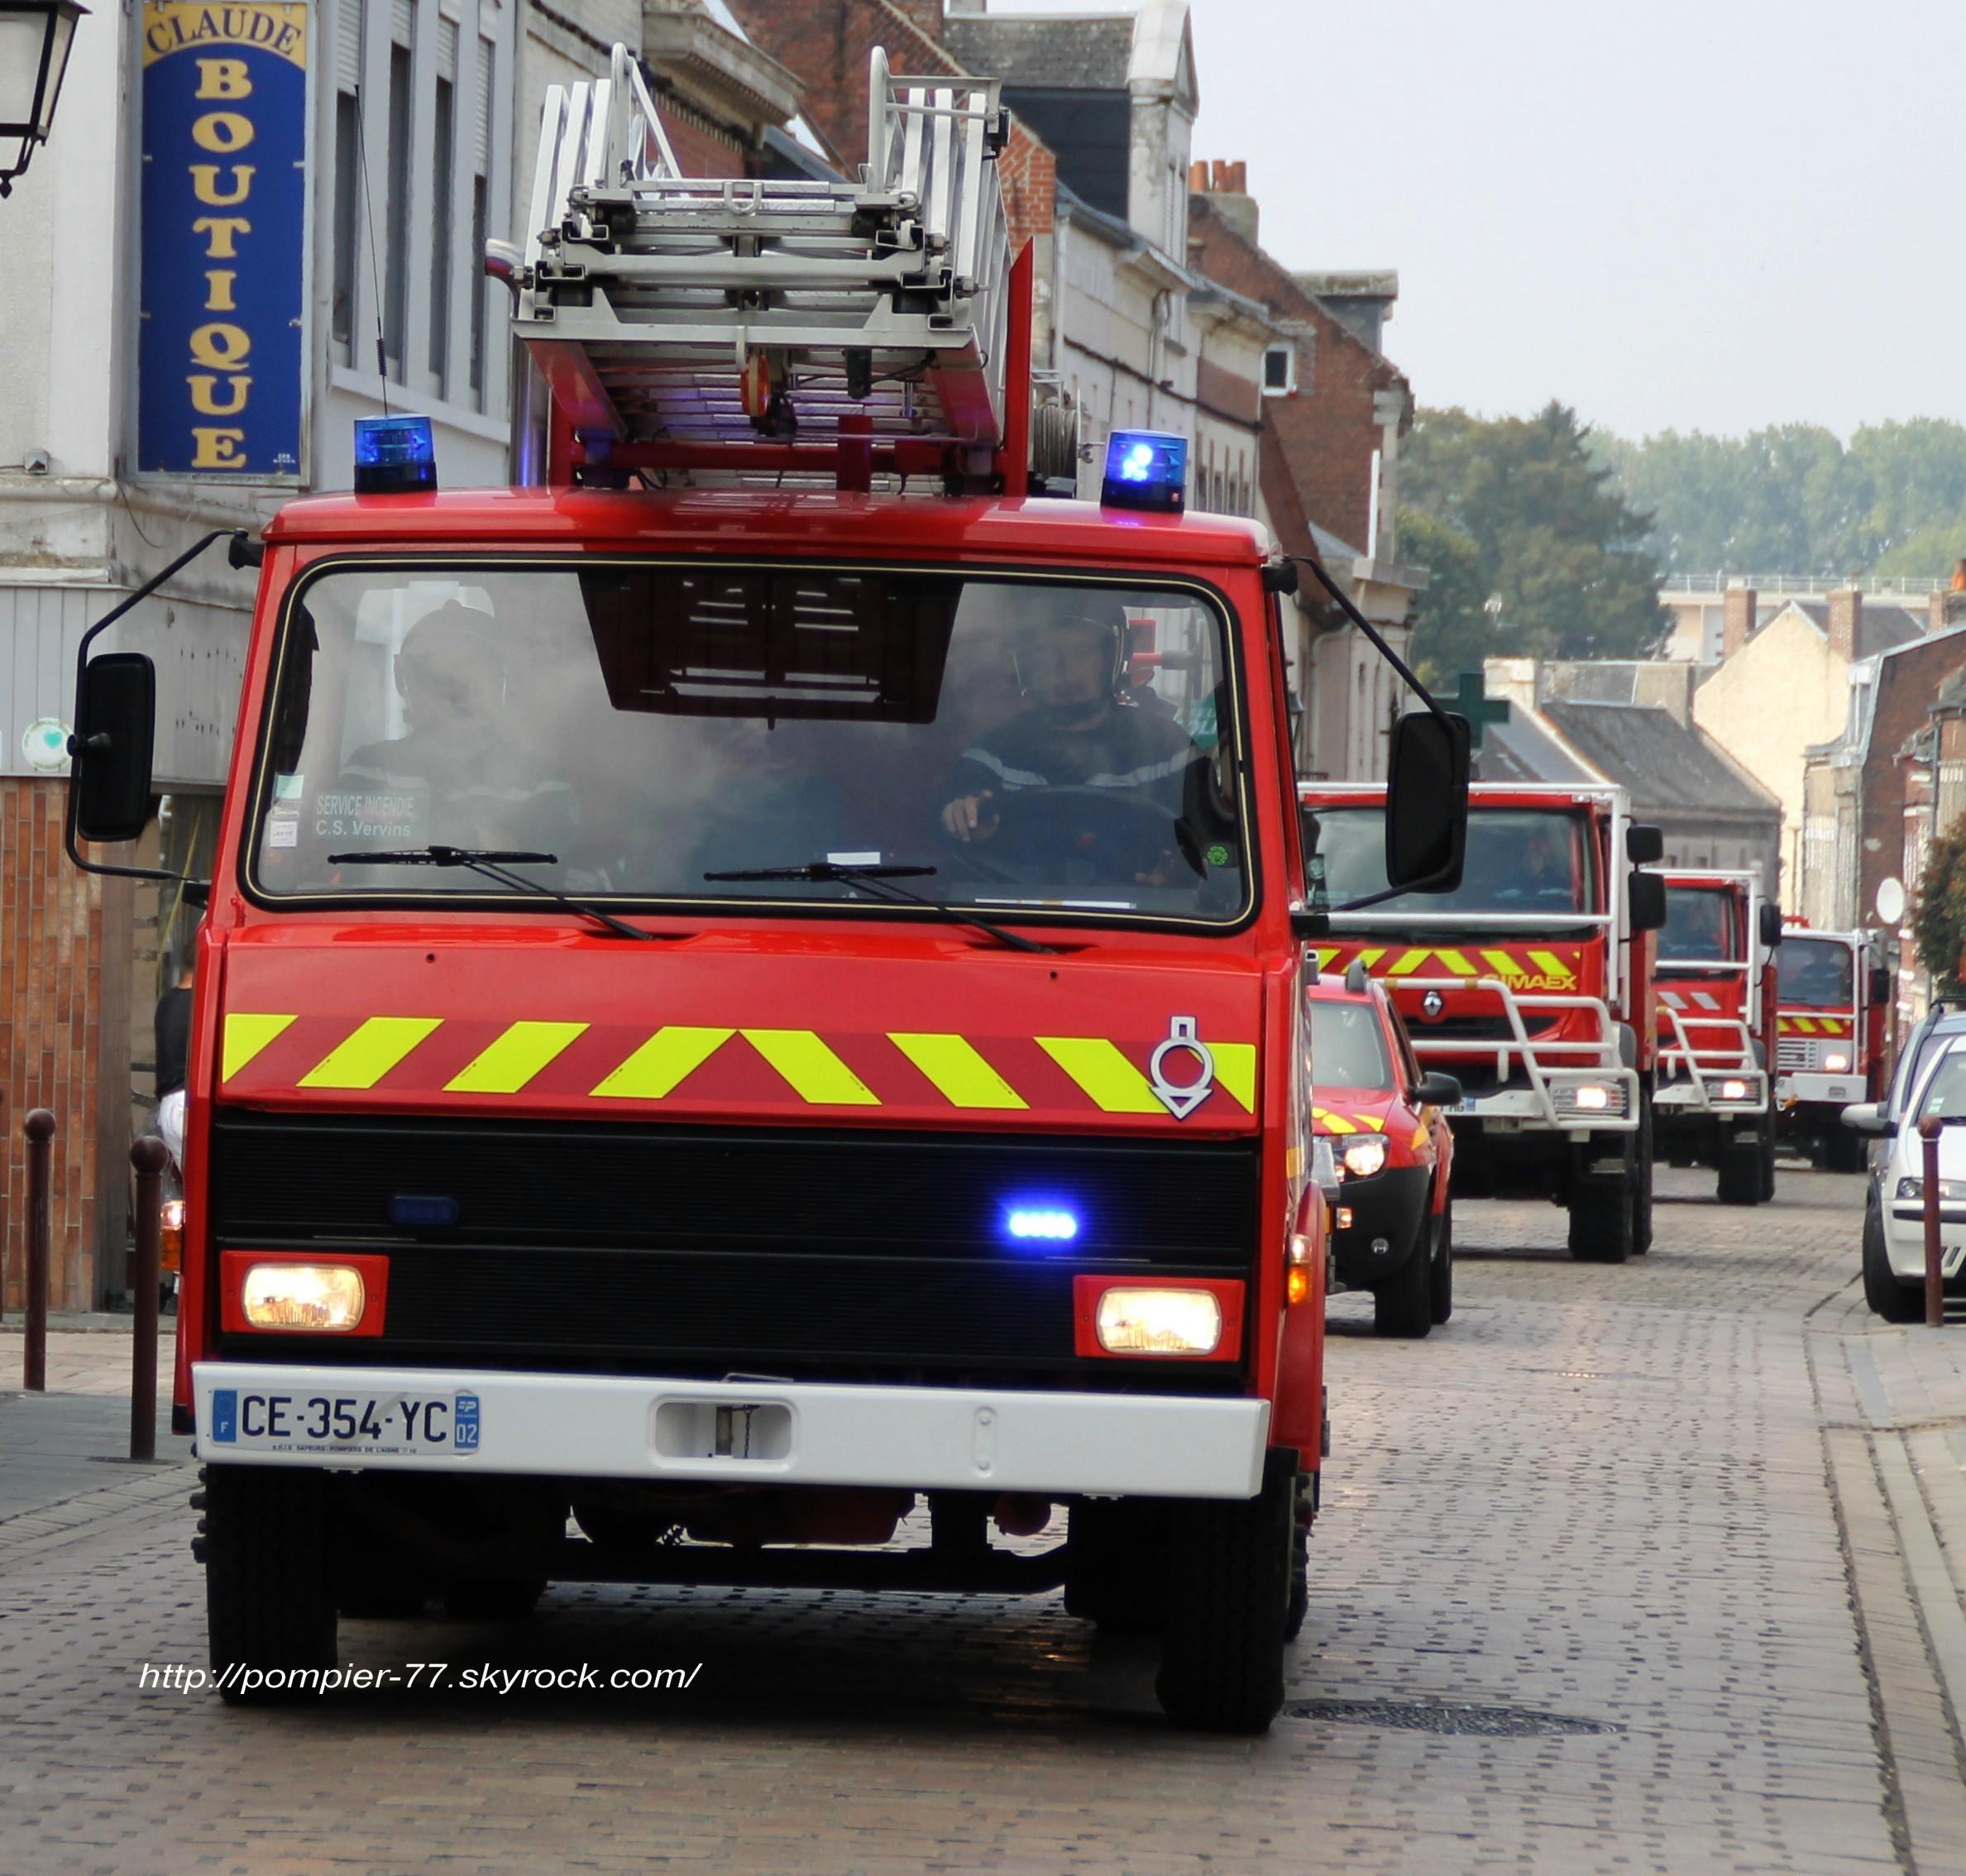 V hicules des pompiers fran ais page 1626 auto titre for Garage automobile hazebrouck